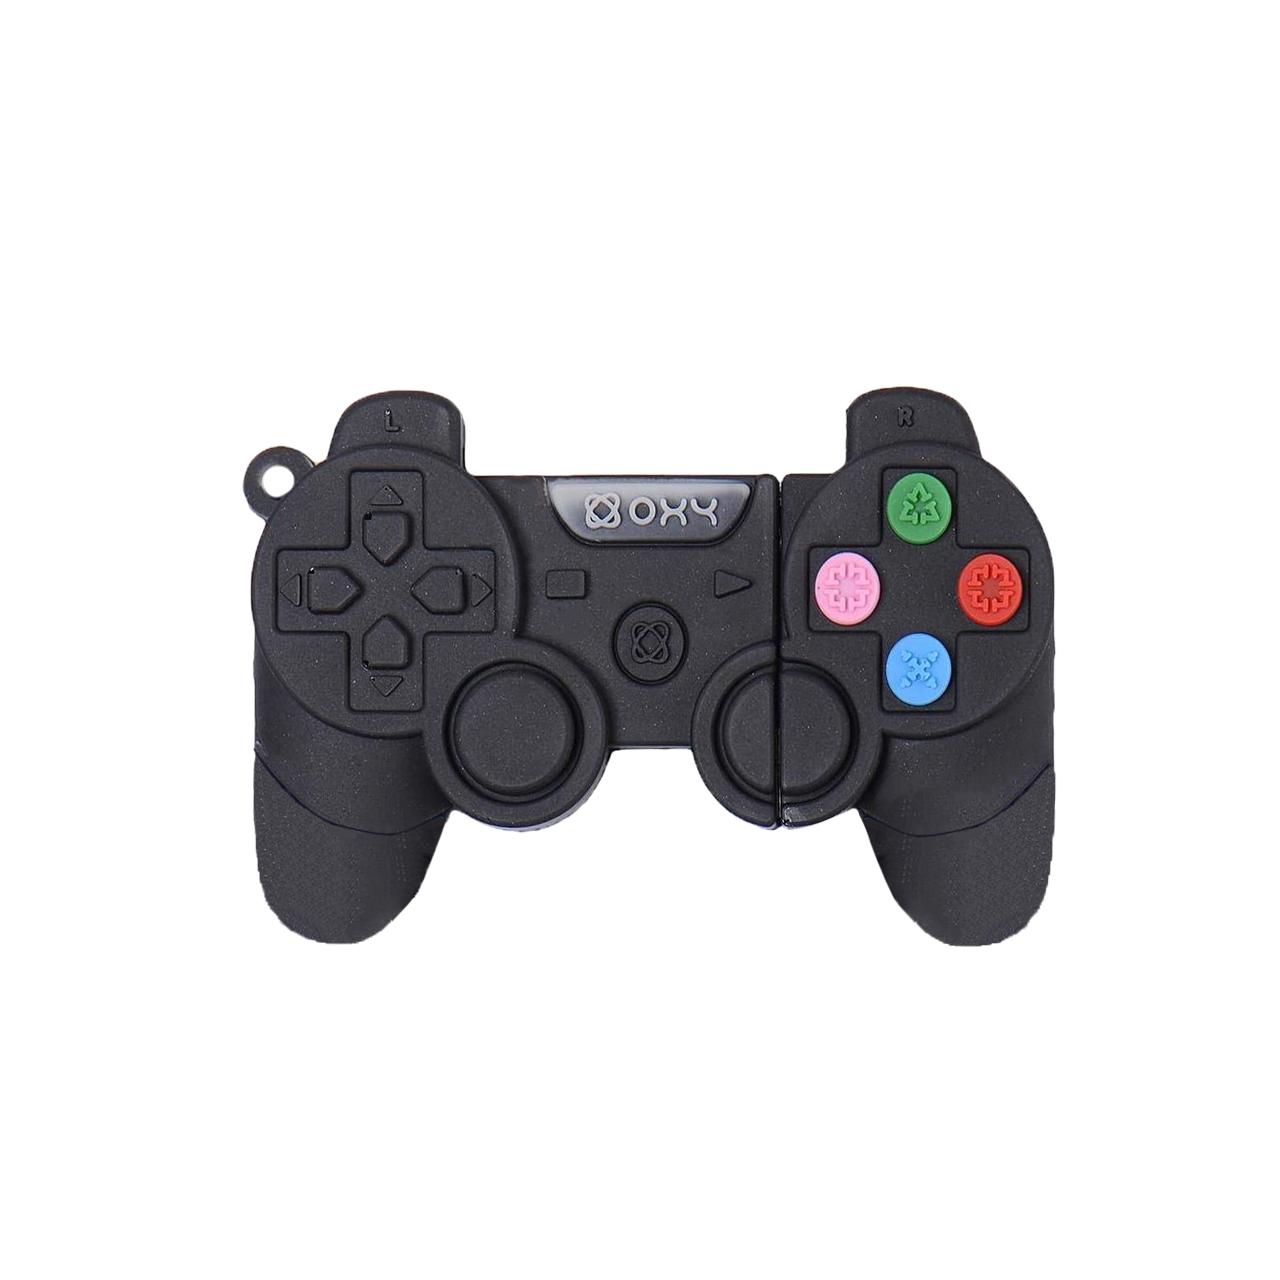 بررسی و خرید [با تخفیف]                                     فلش مموری طرح Gamepad مدل DAA1154 ظرفیت 16 گیگابایت                             اورجینال